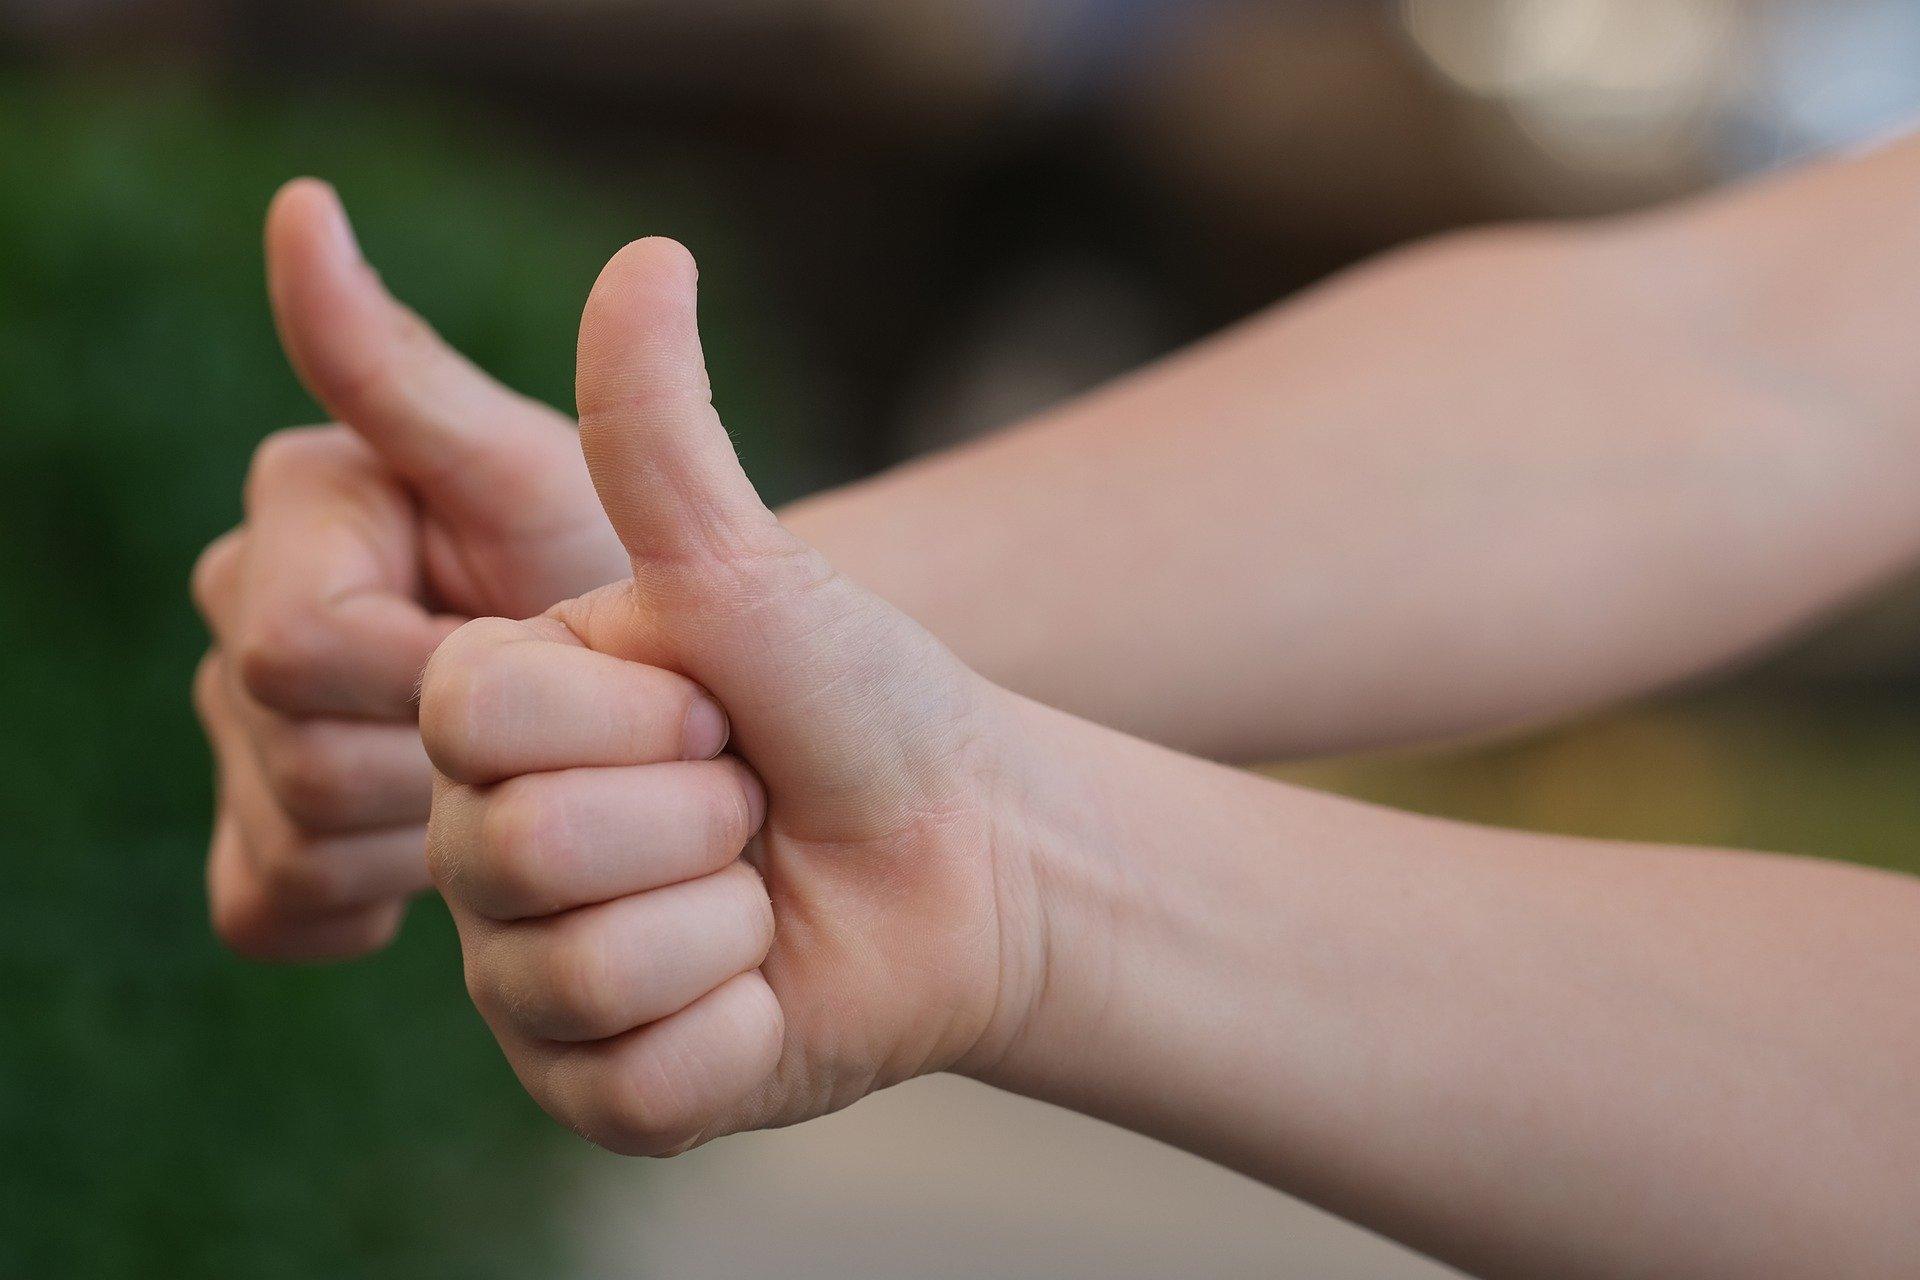 כללי אצבע על מנת להישמר בצריכת תוכן פיראטי